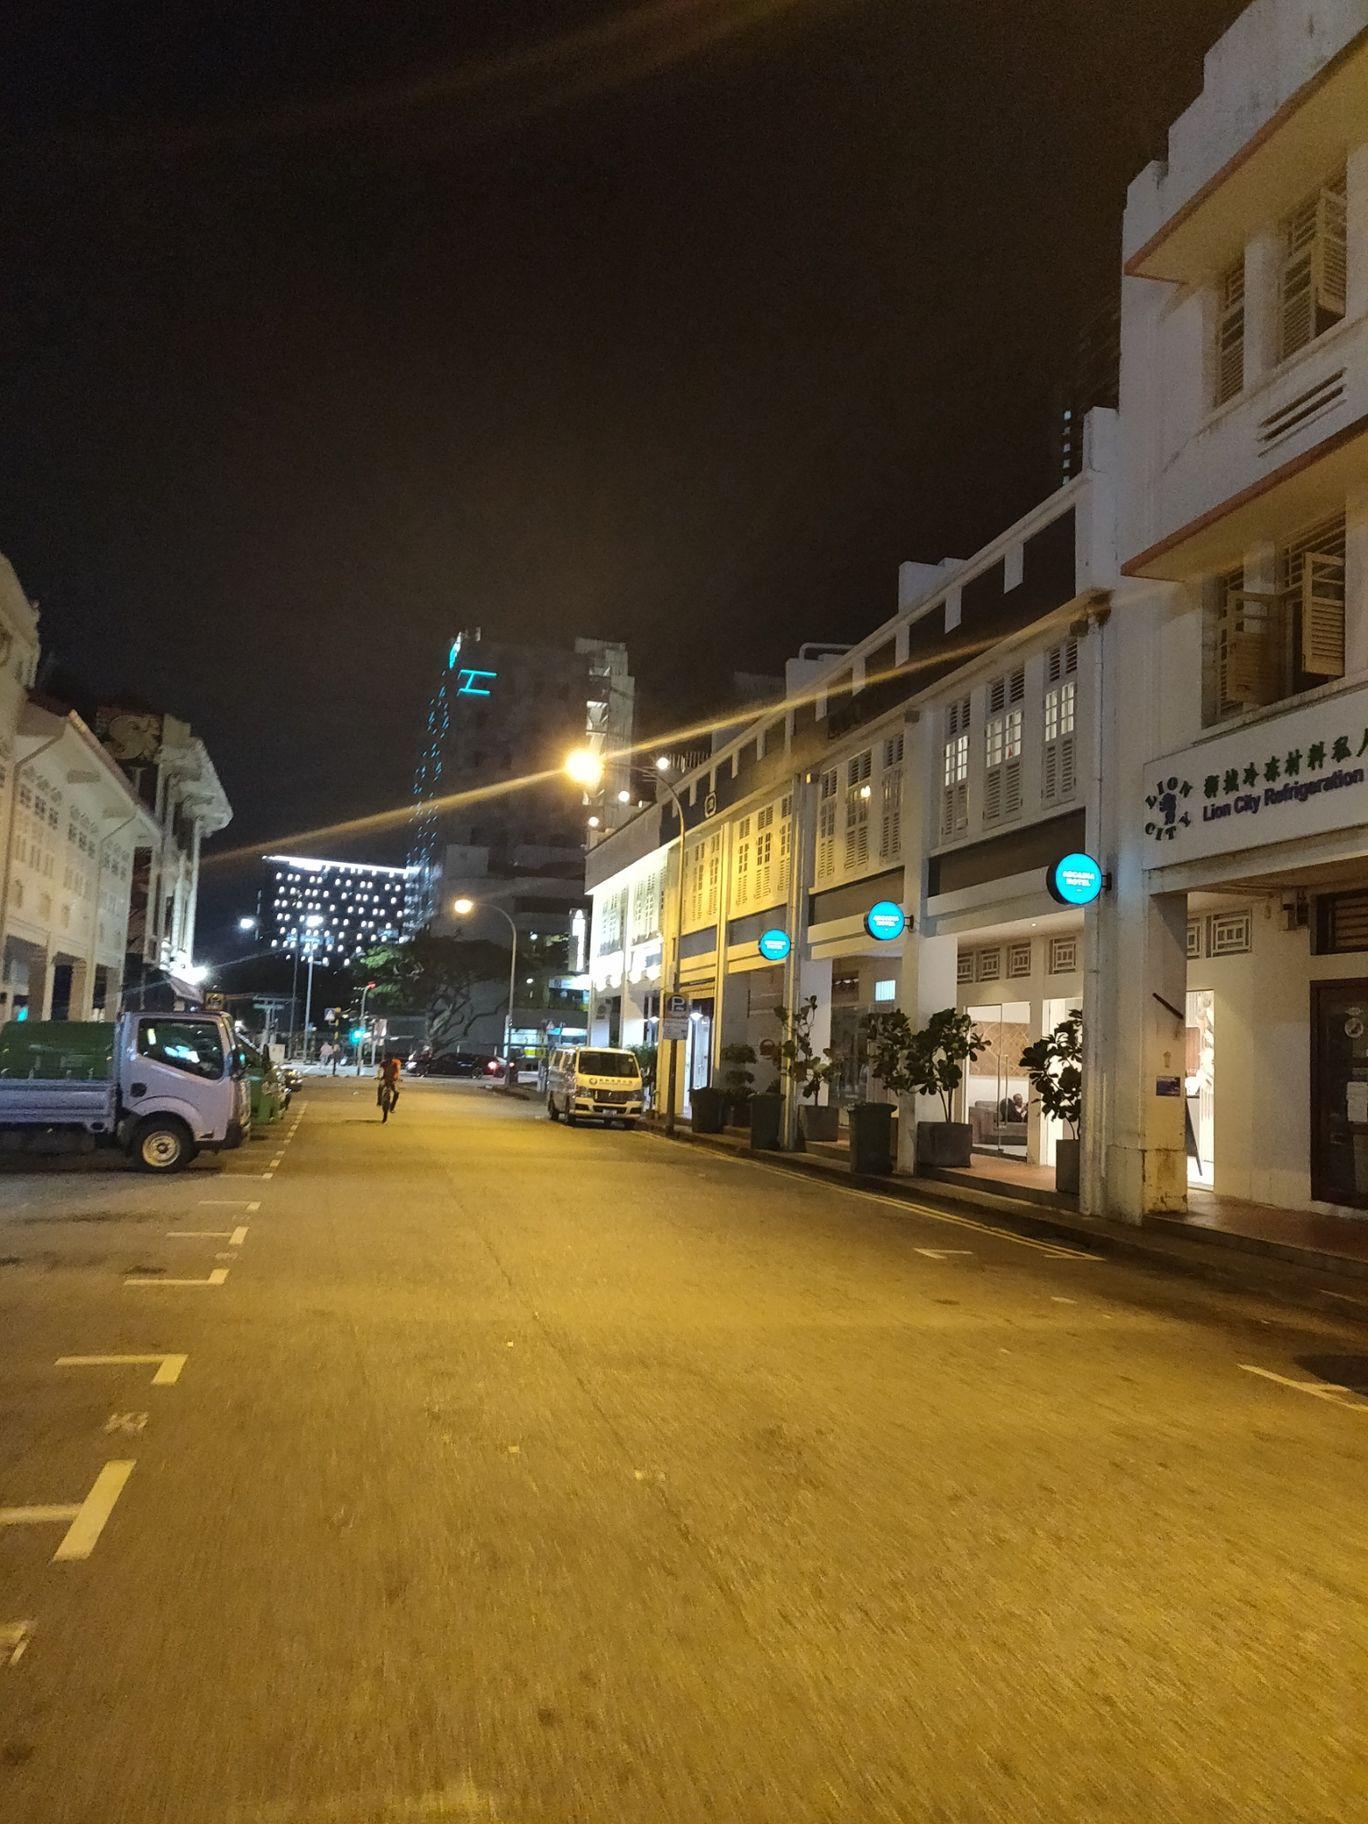 Photo of Singapore By Avinash Barnwal